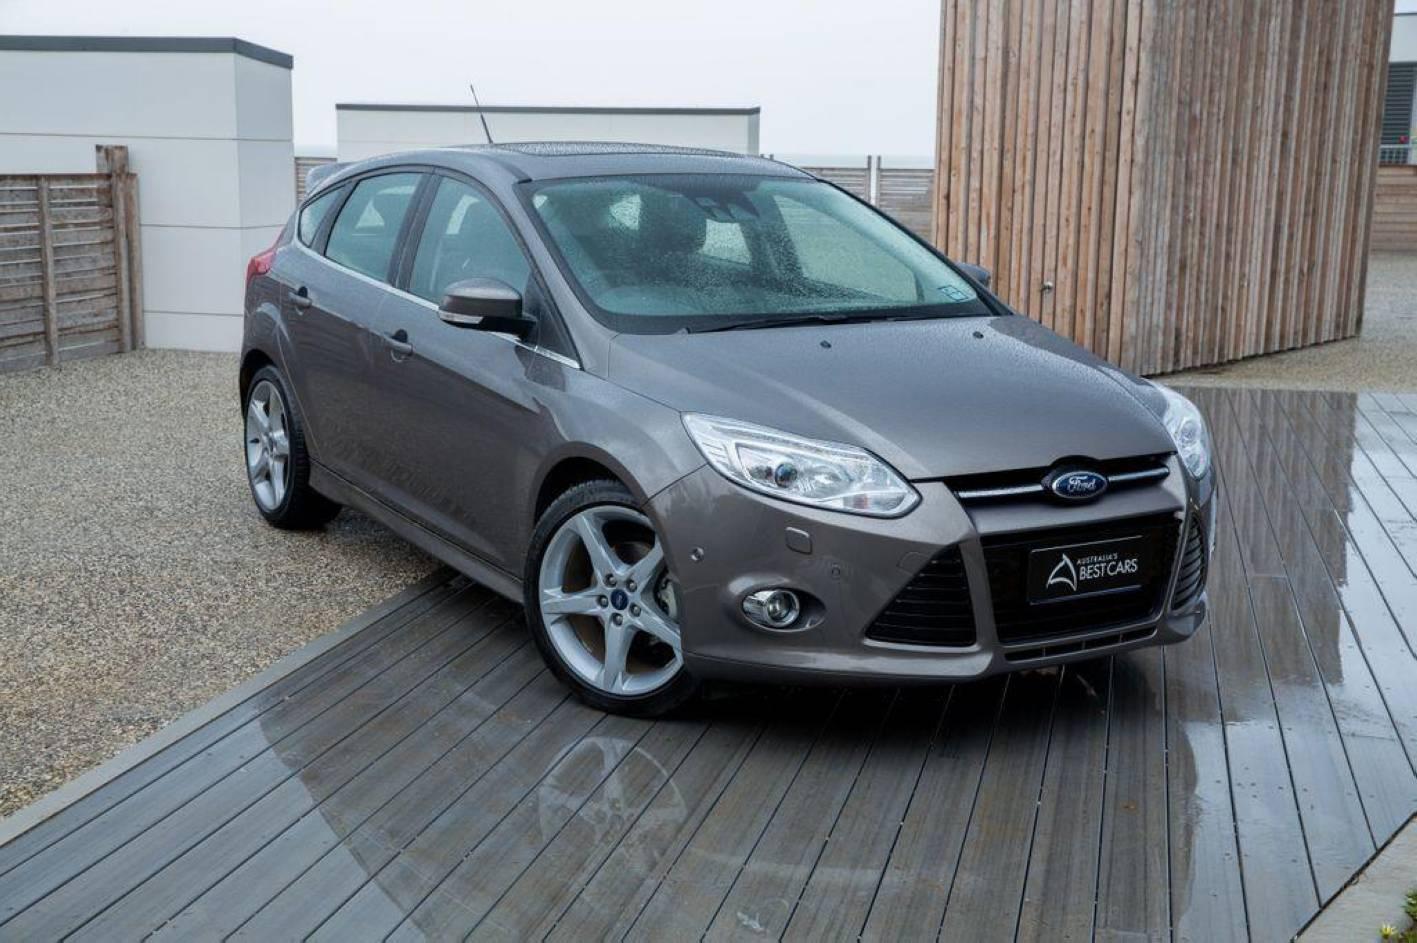 2012 Australia S Best Car Awards Announced Forcegt Com